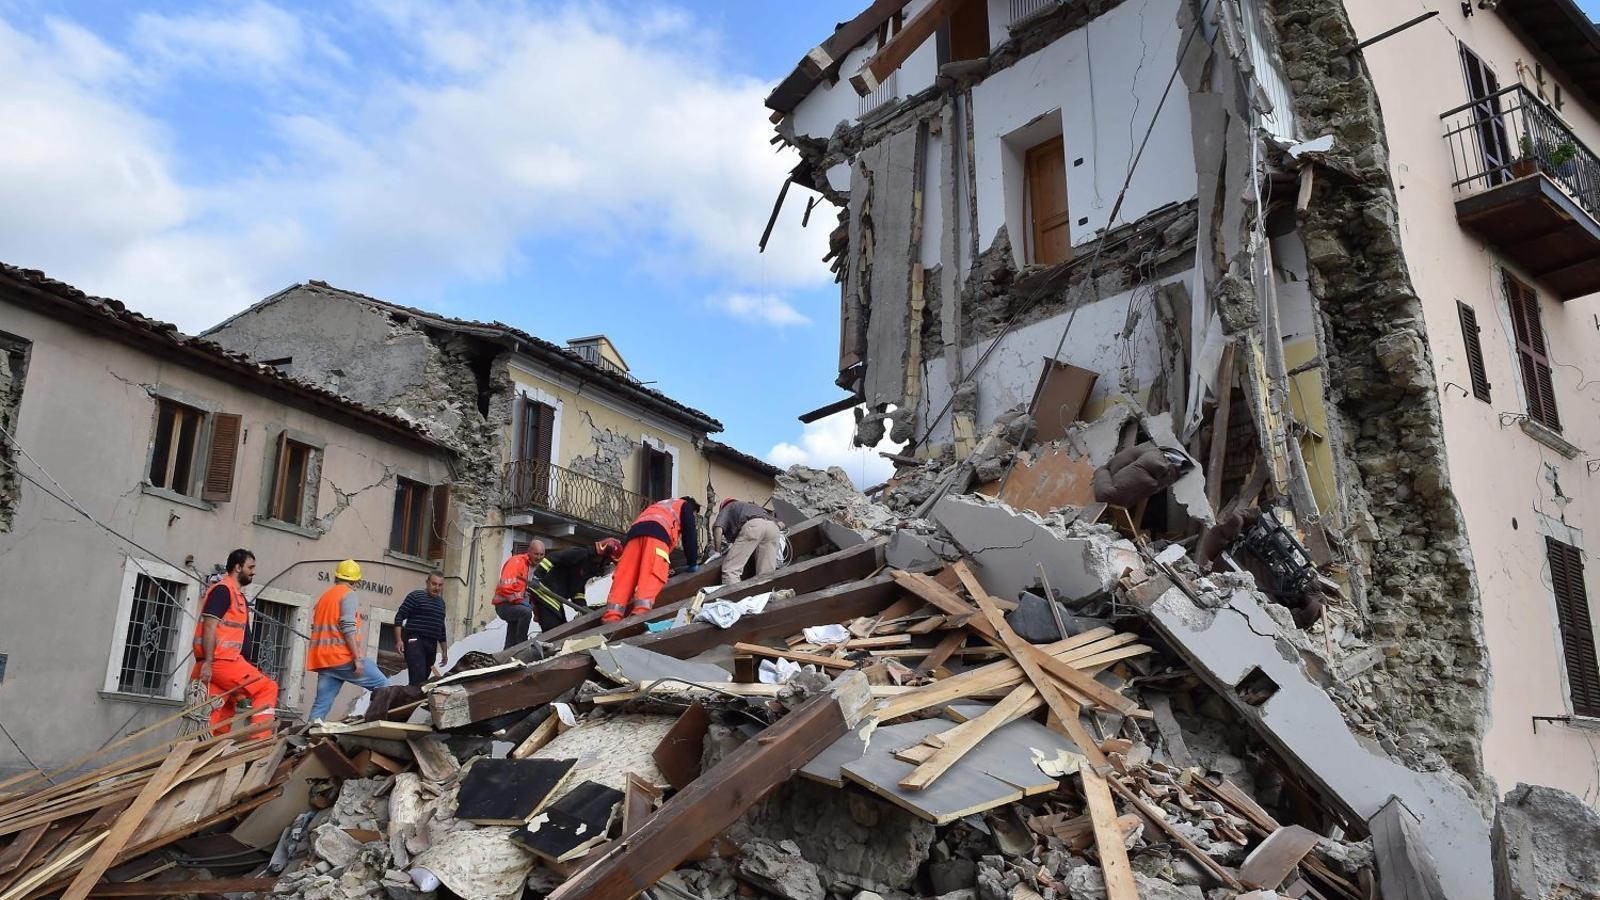 La tragèdia torna a sacsejar Itàlia